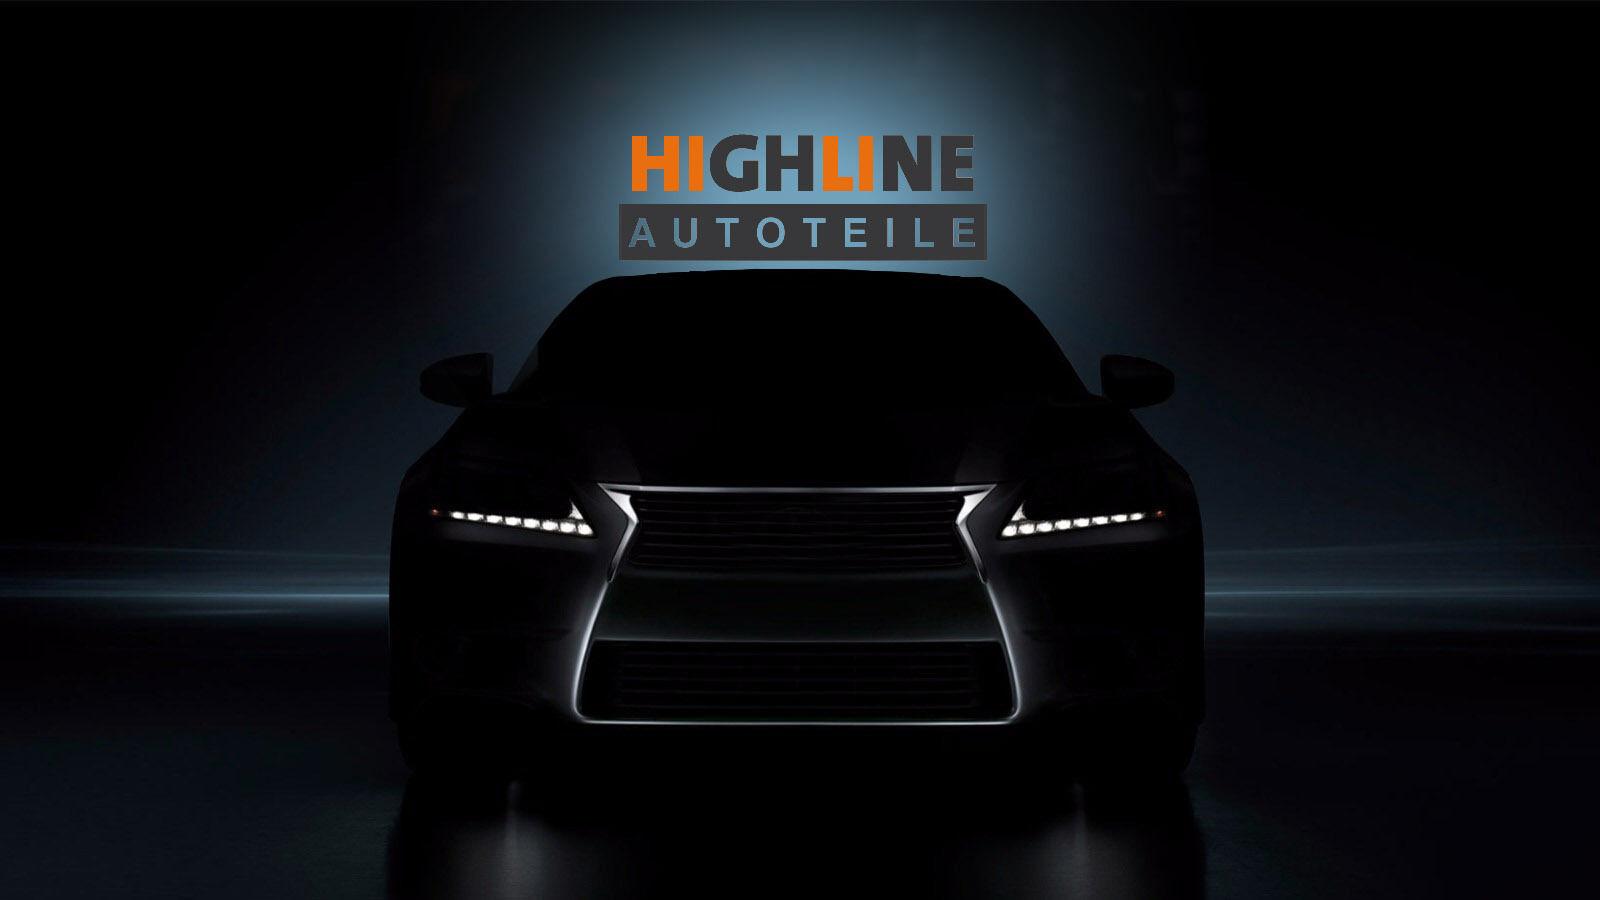 HighLine-Autoteile